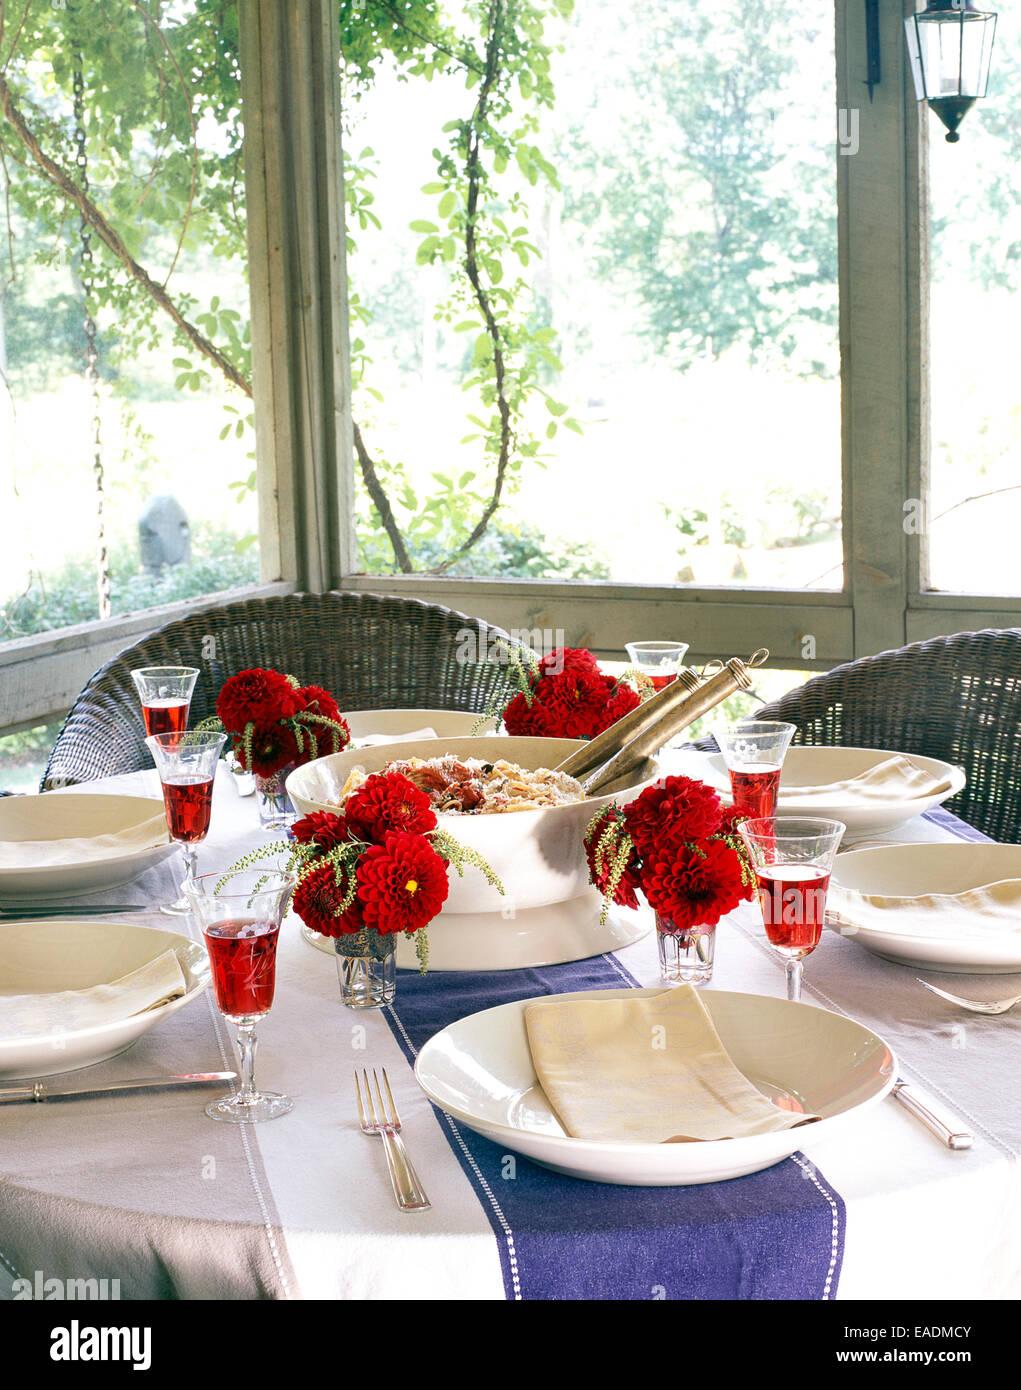 Comidas de Verano sobre mesa en zarandado en el porche Imagen De Stock